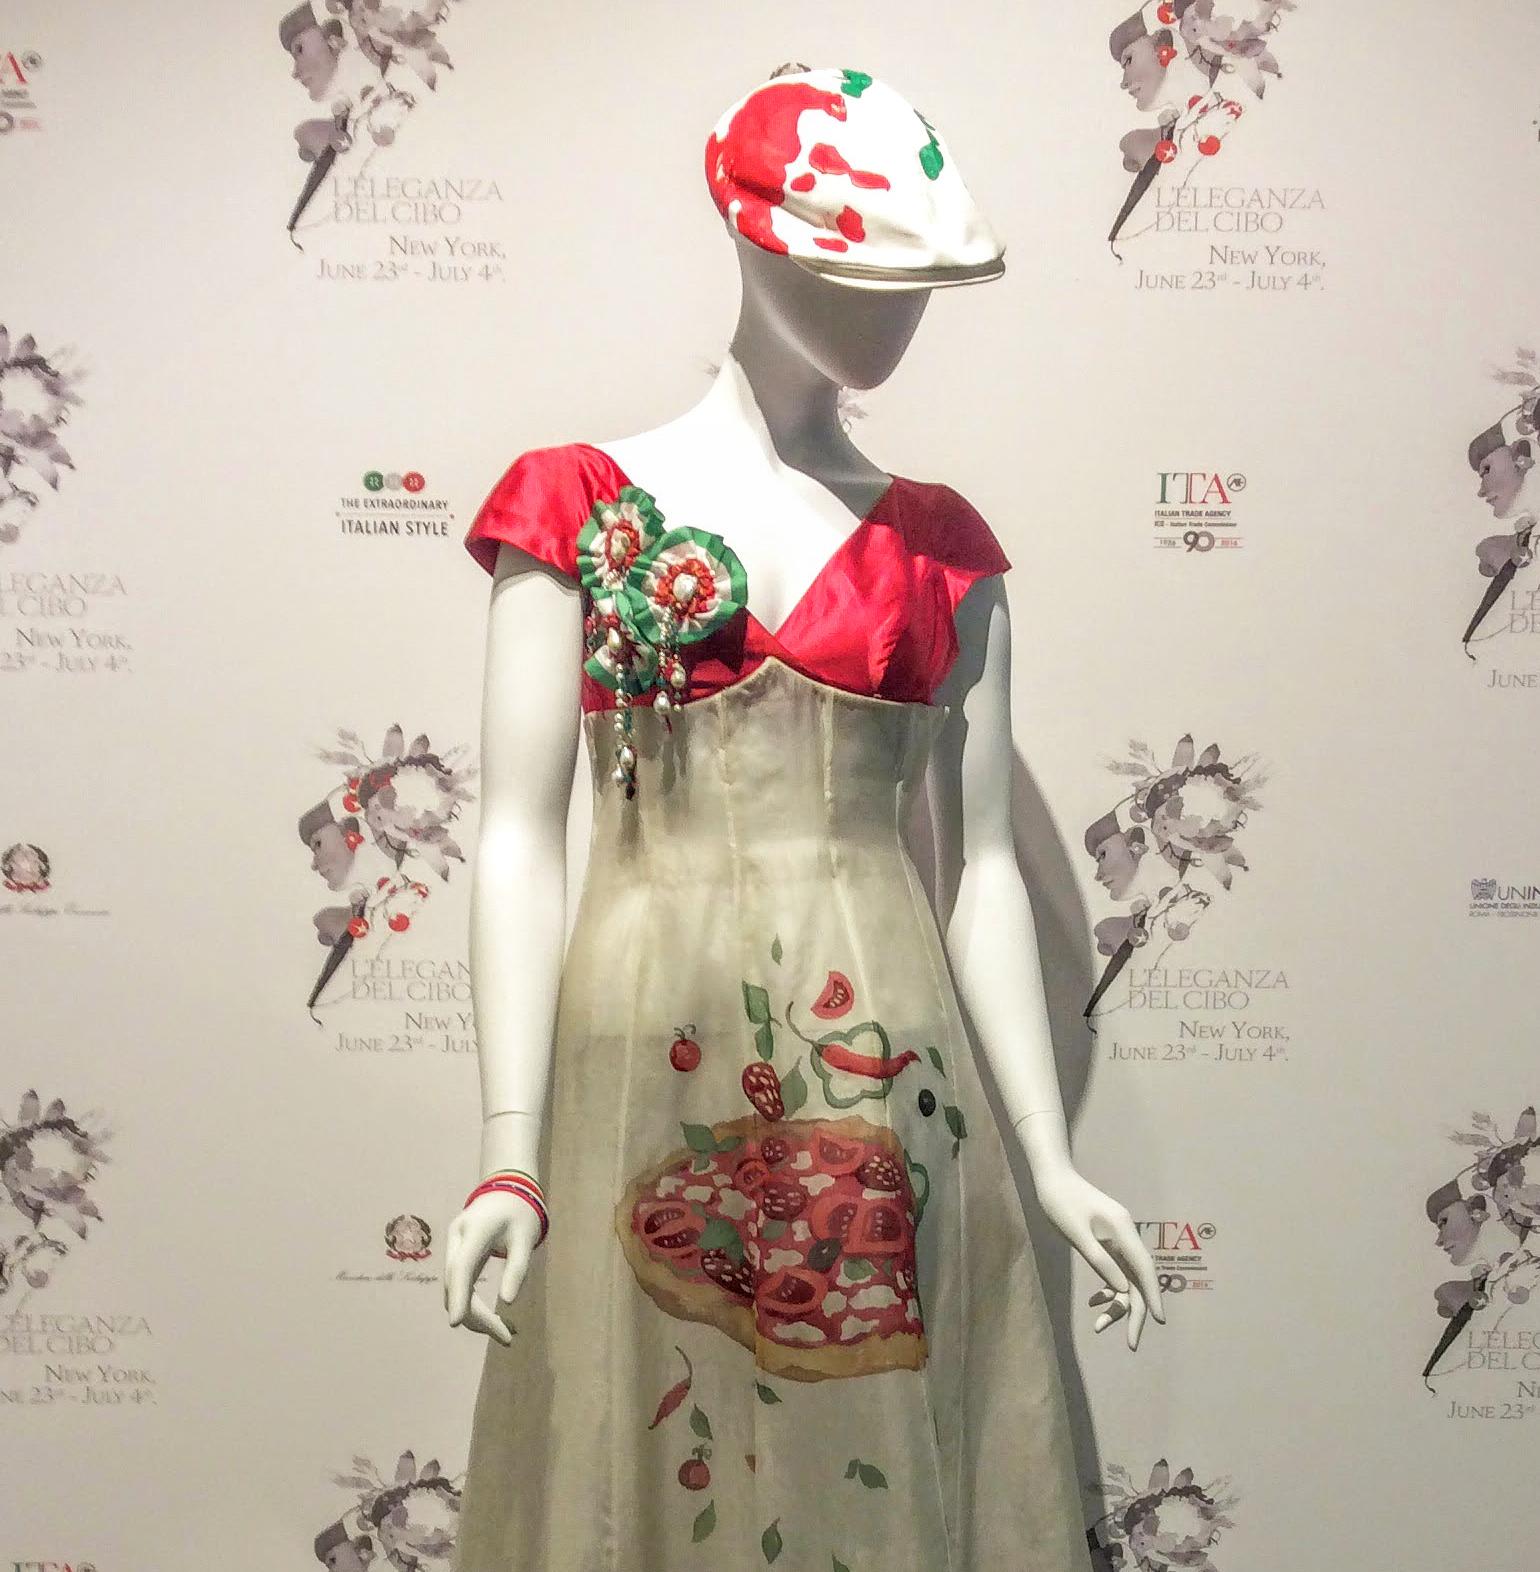 LEleganza-del-Cibo-Exhibition-Intro3a